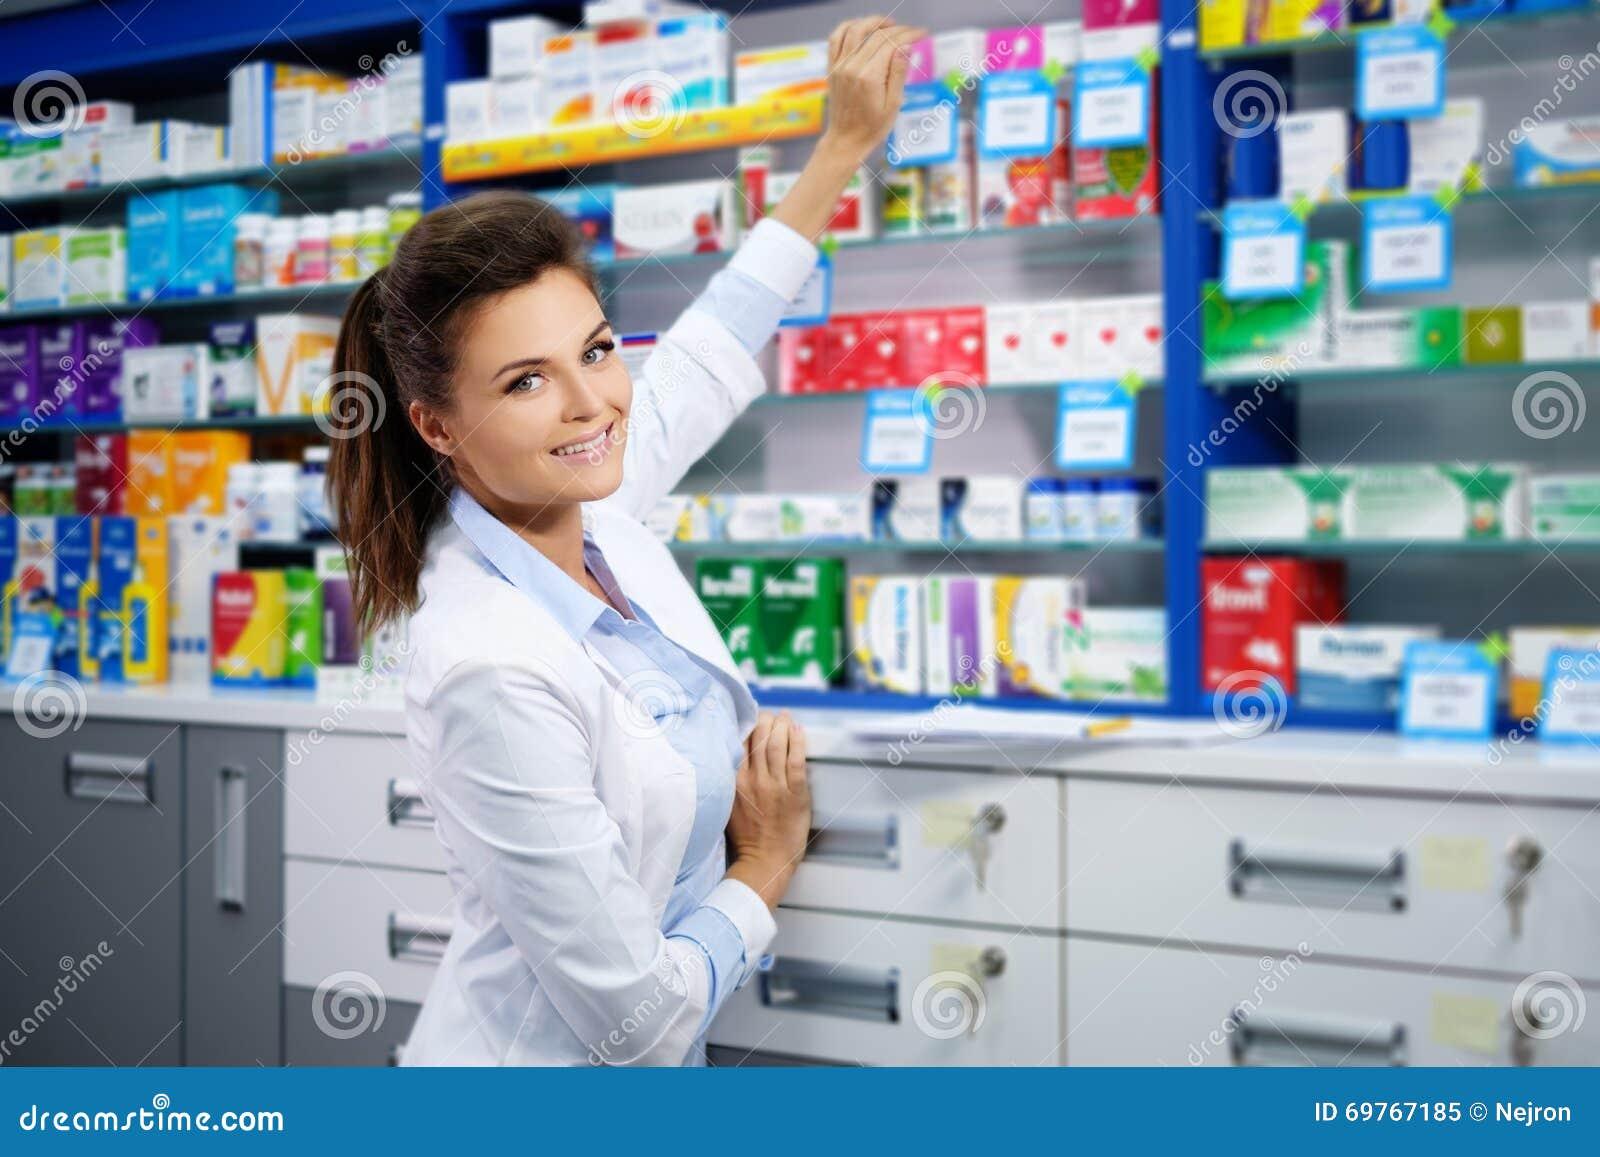 Όμορφος χαμογελώντας νέος φαρμακοποιός γυναικών που κάνει την εργασία του στο φαρμακείο